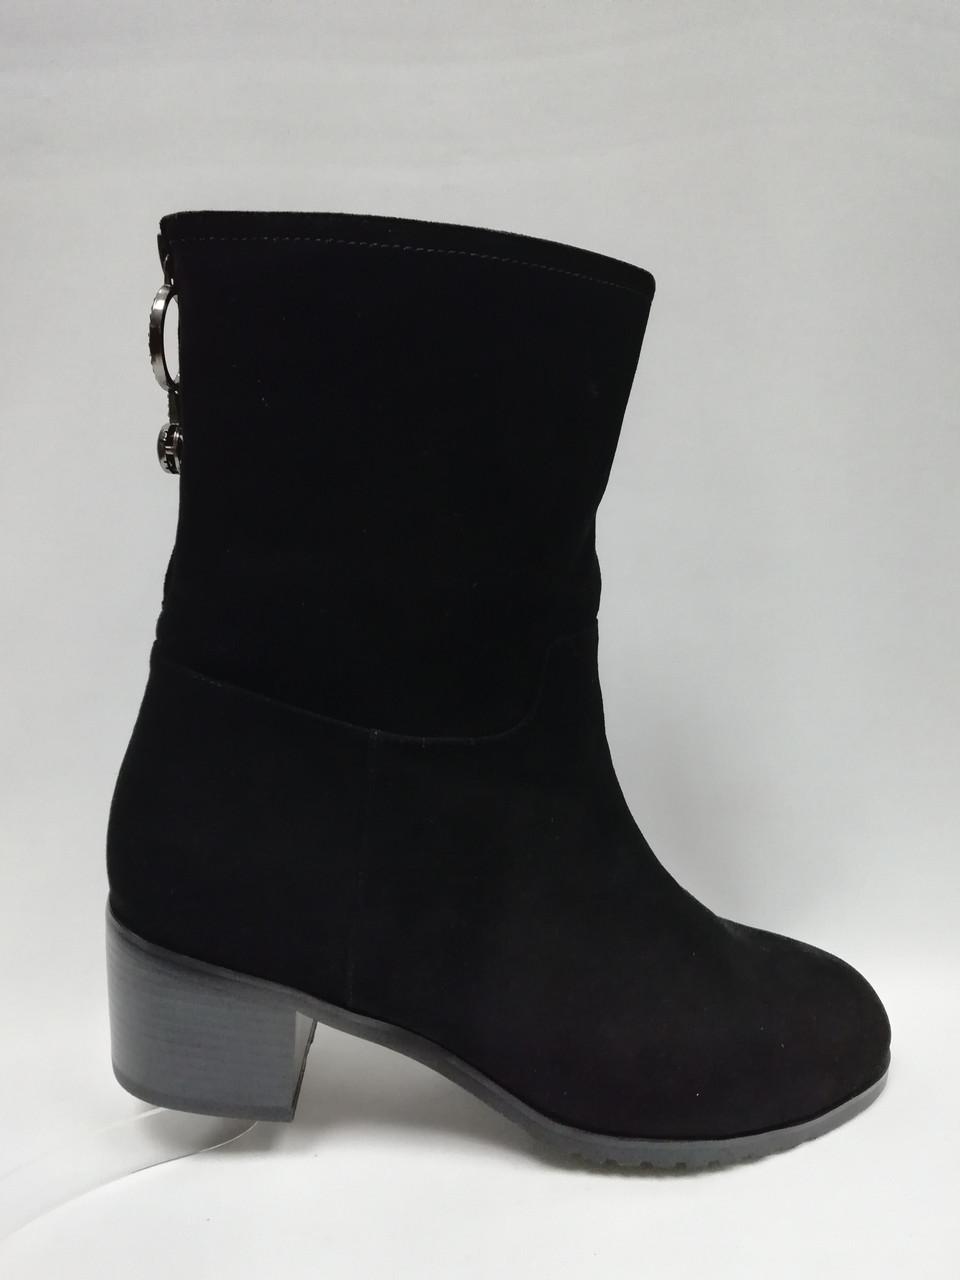 Чорні замшеві зимові чоботи на невисокому каблуці. Великі розміри.